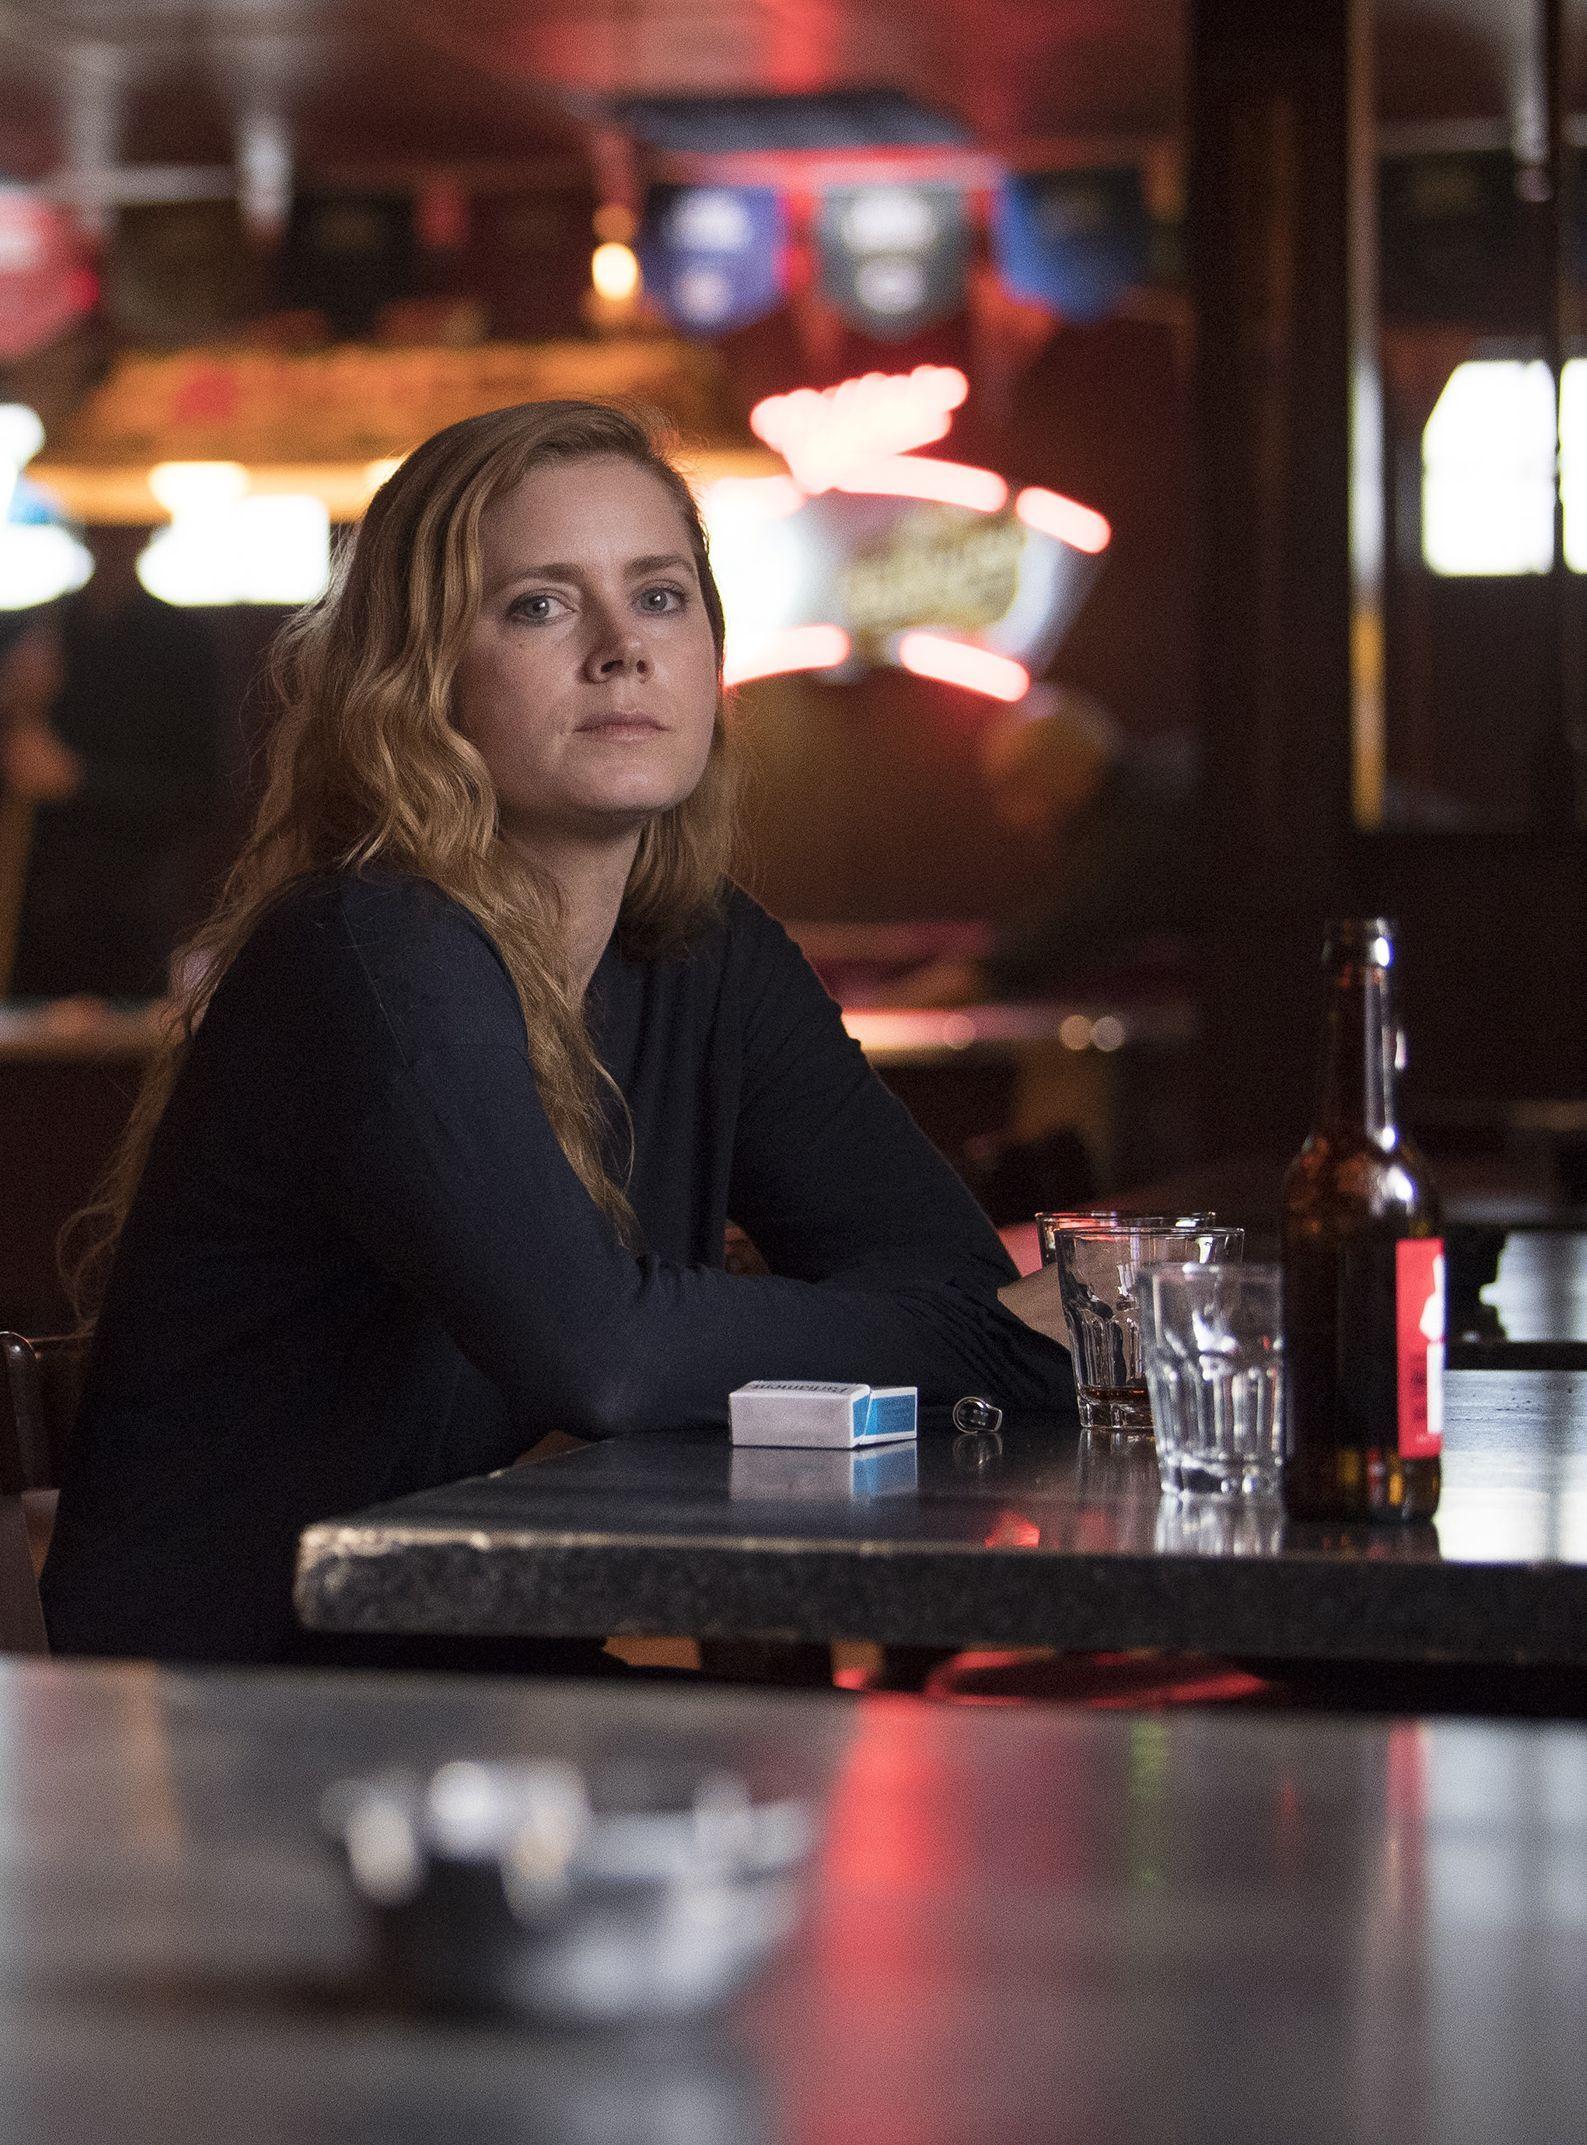 Amy Adams Filmes E Programas De Tv gillian flynn on women living in fear &   series e filmes e